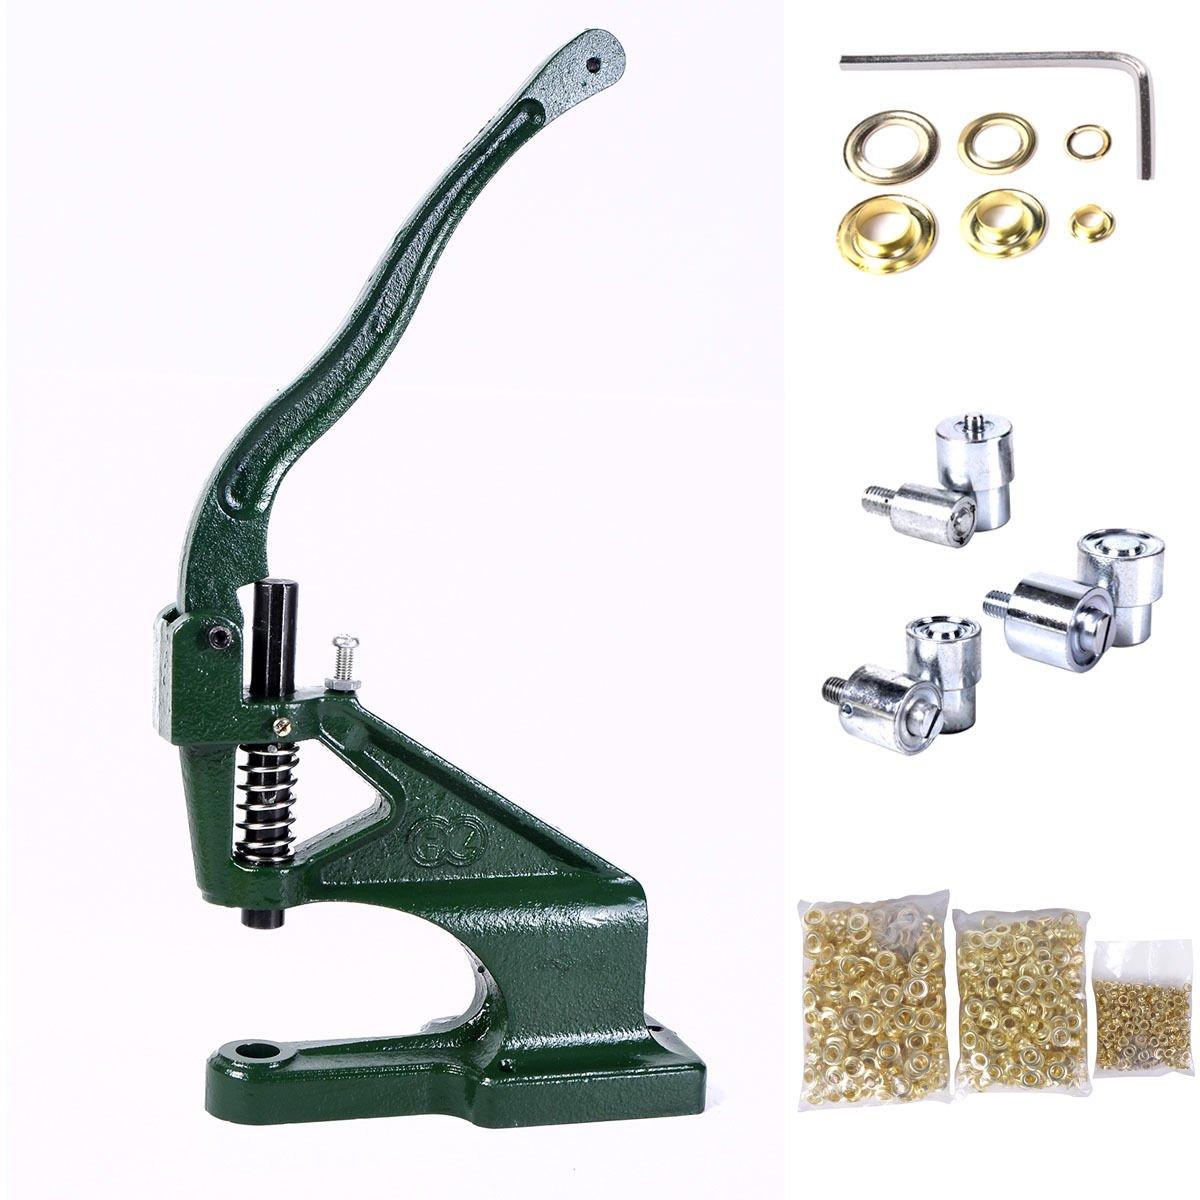 New Grommet Machine 3 Die (#0 #2 #4) & 900 Grommets Eyelet Hand Press Tool